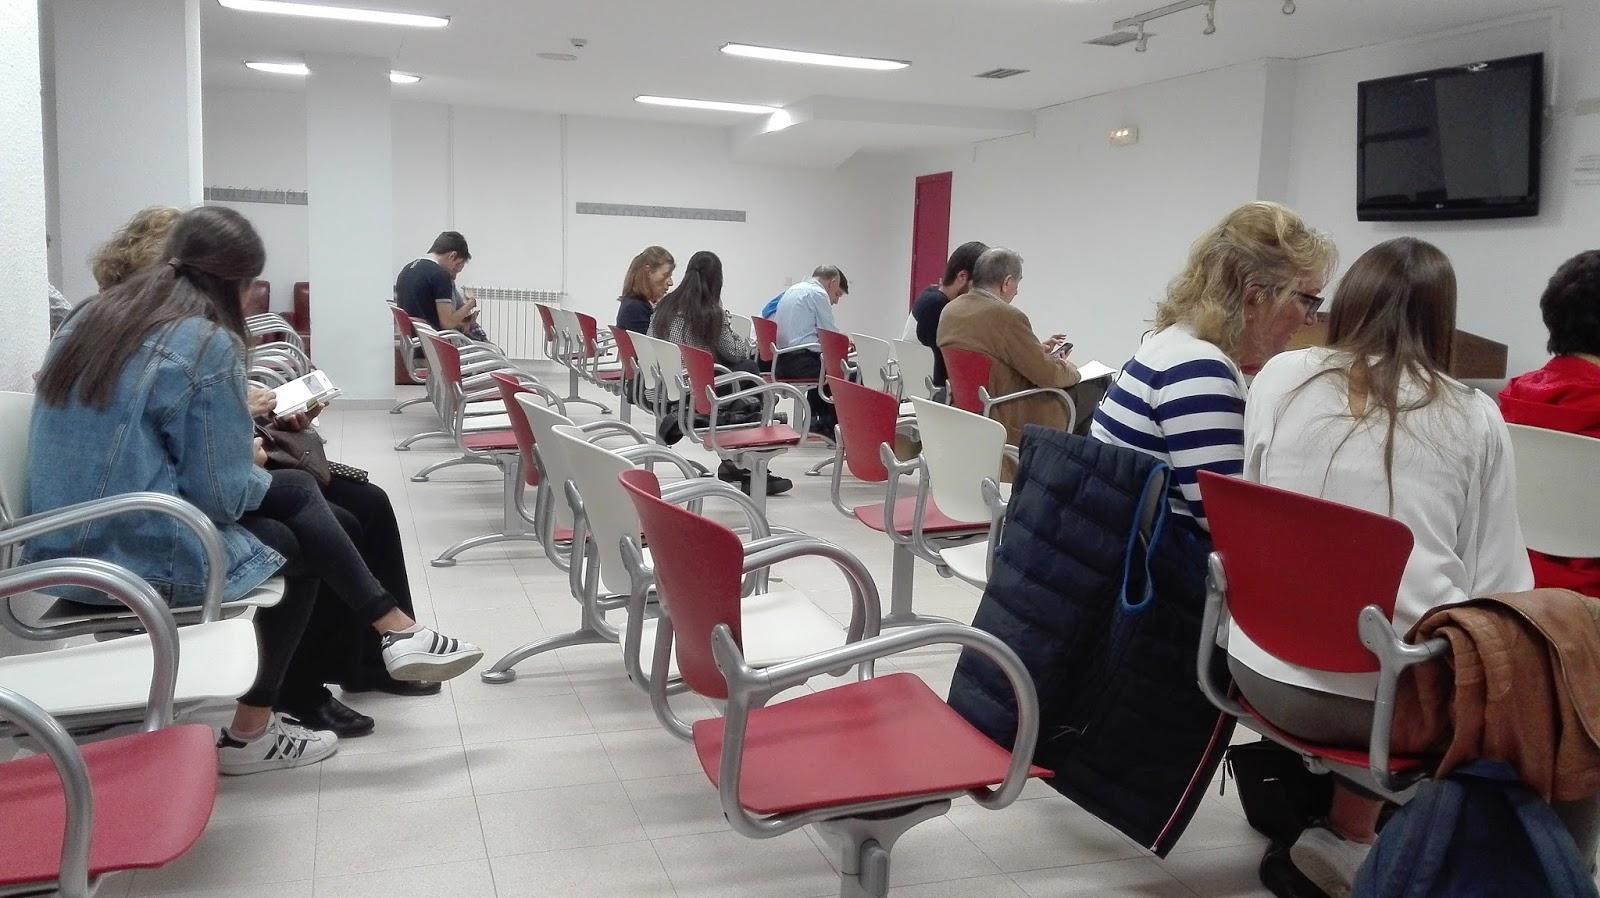 Agustinas Valladolid - 2017 - Bachillerato 1 - Aprendizaje y Servicio 1